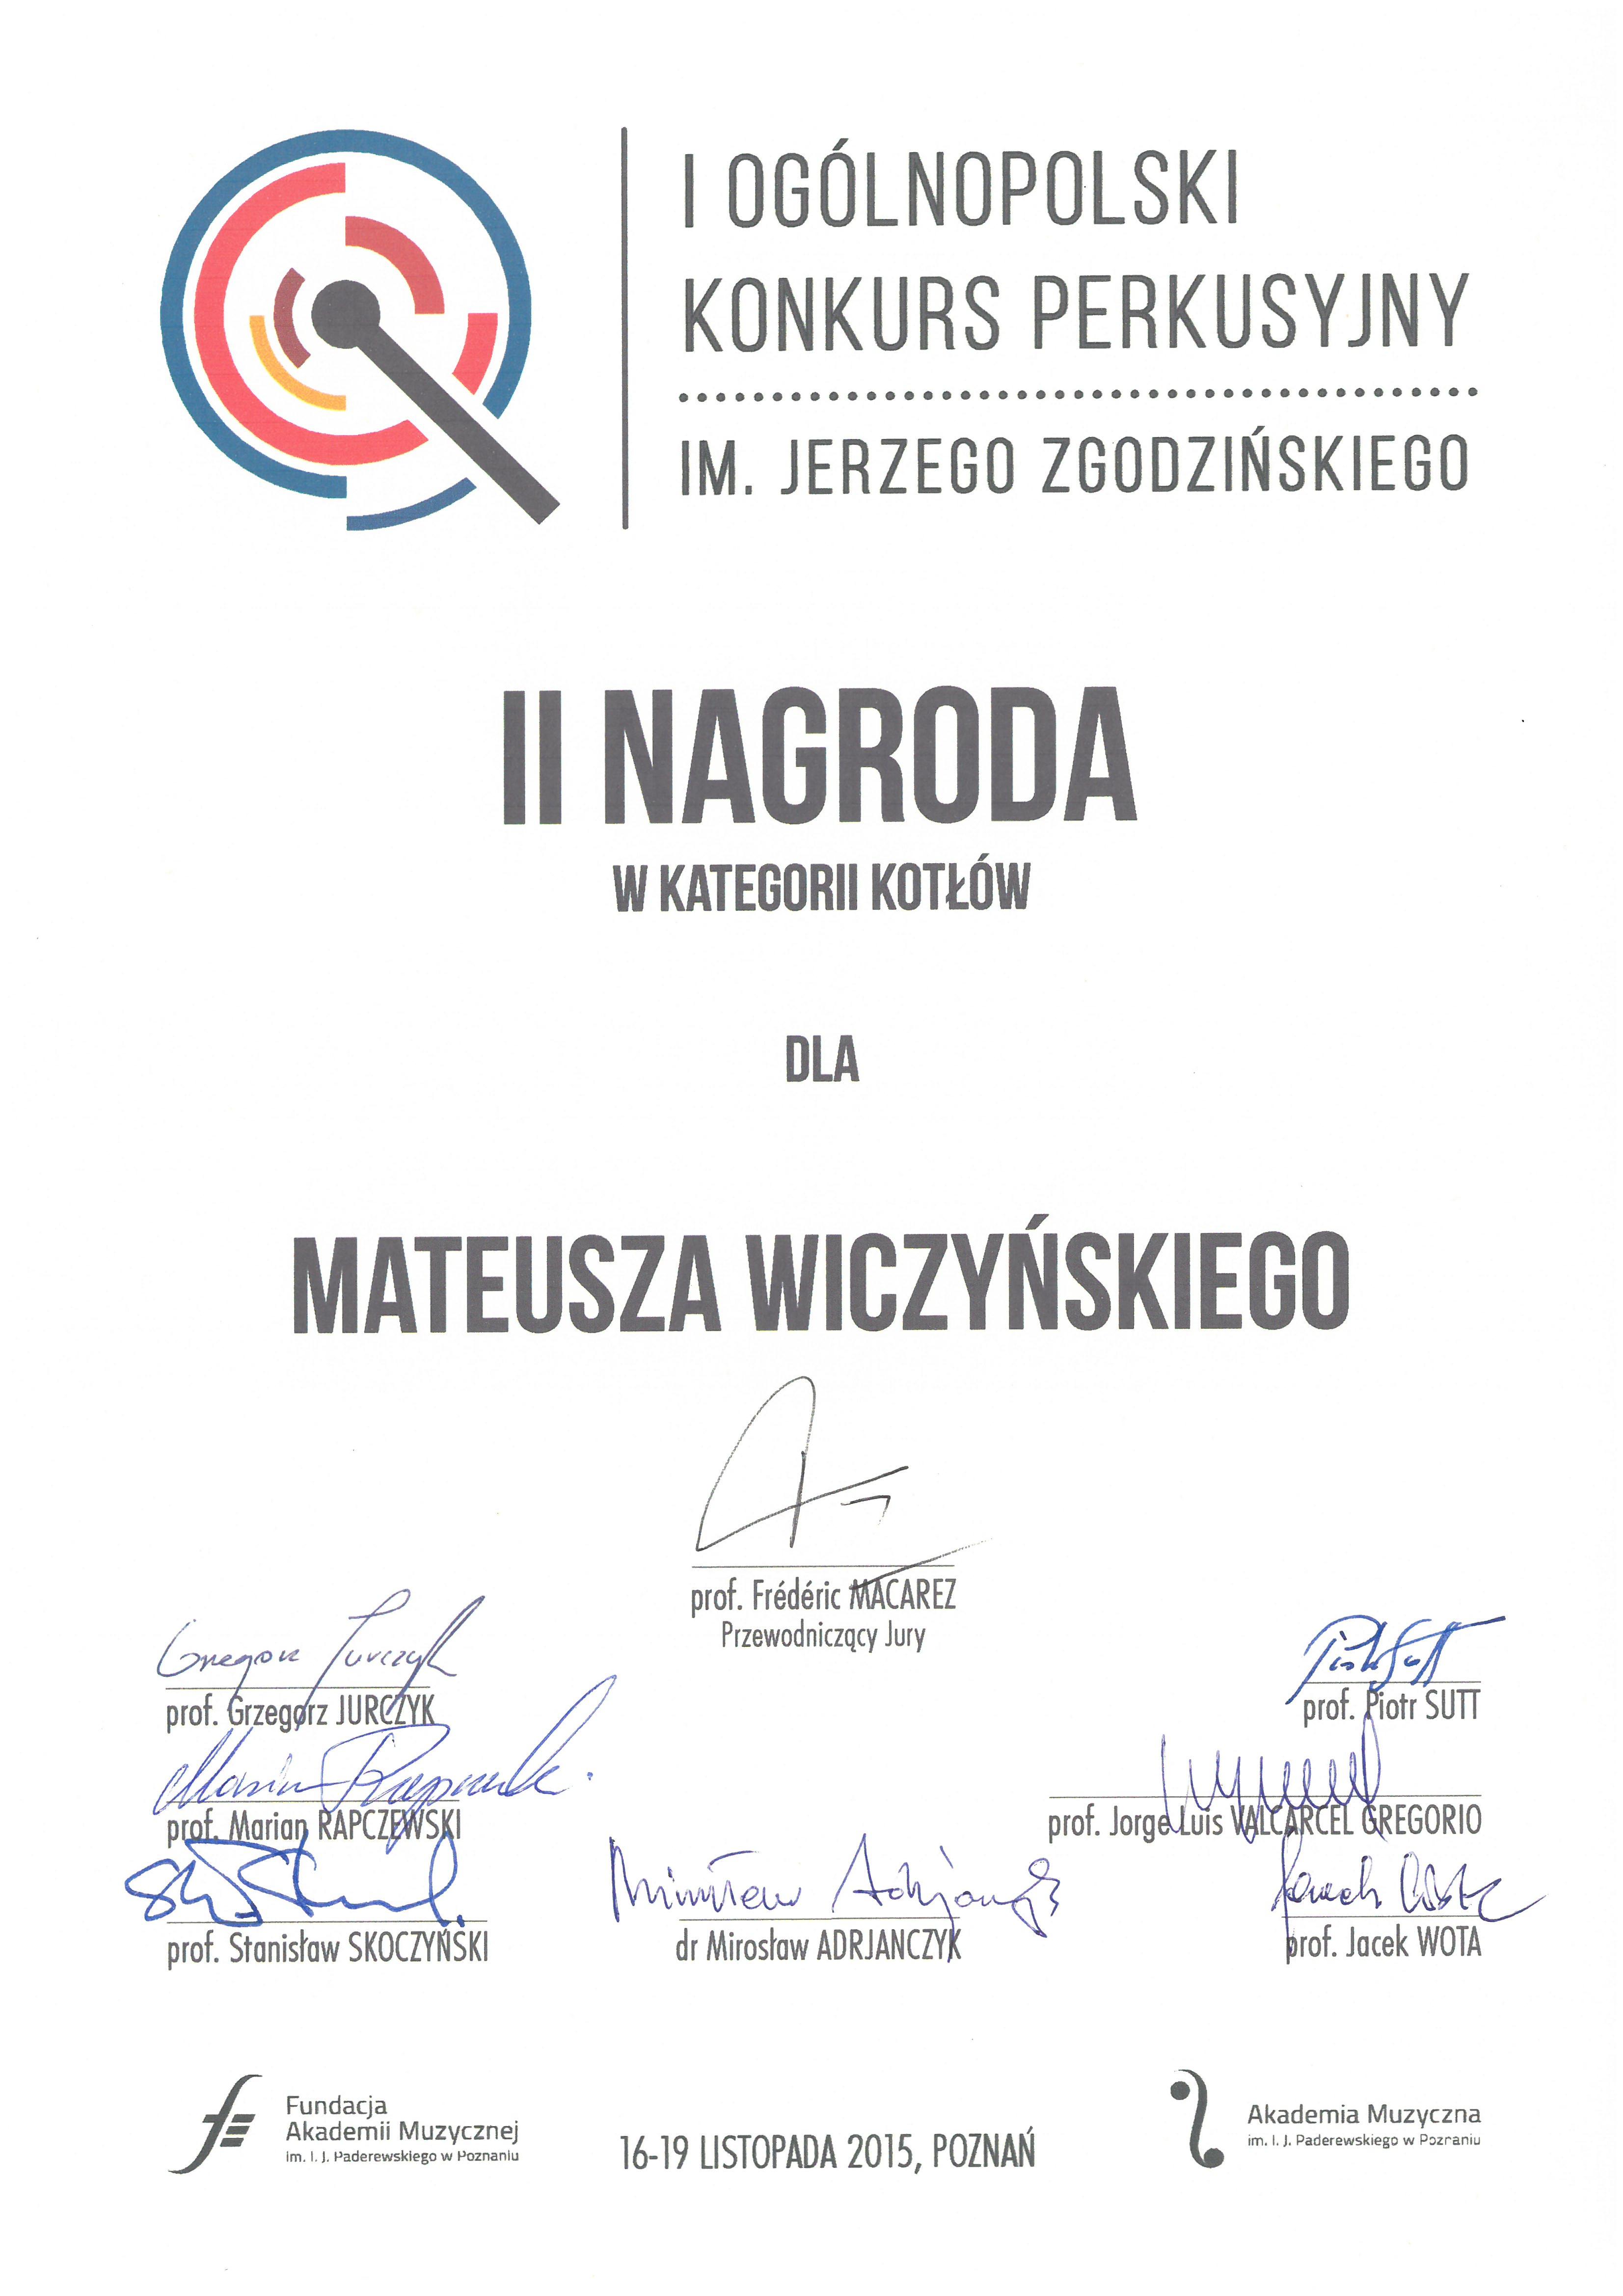 Wiczynski_Mateusz_2_nagroda_Poznan_2015